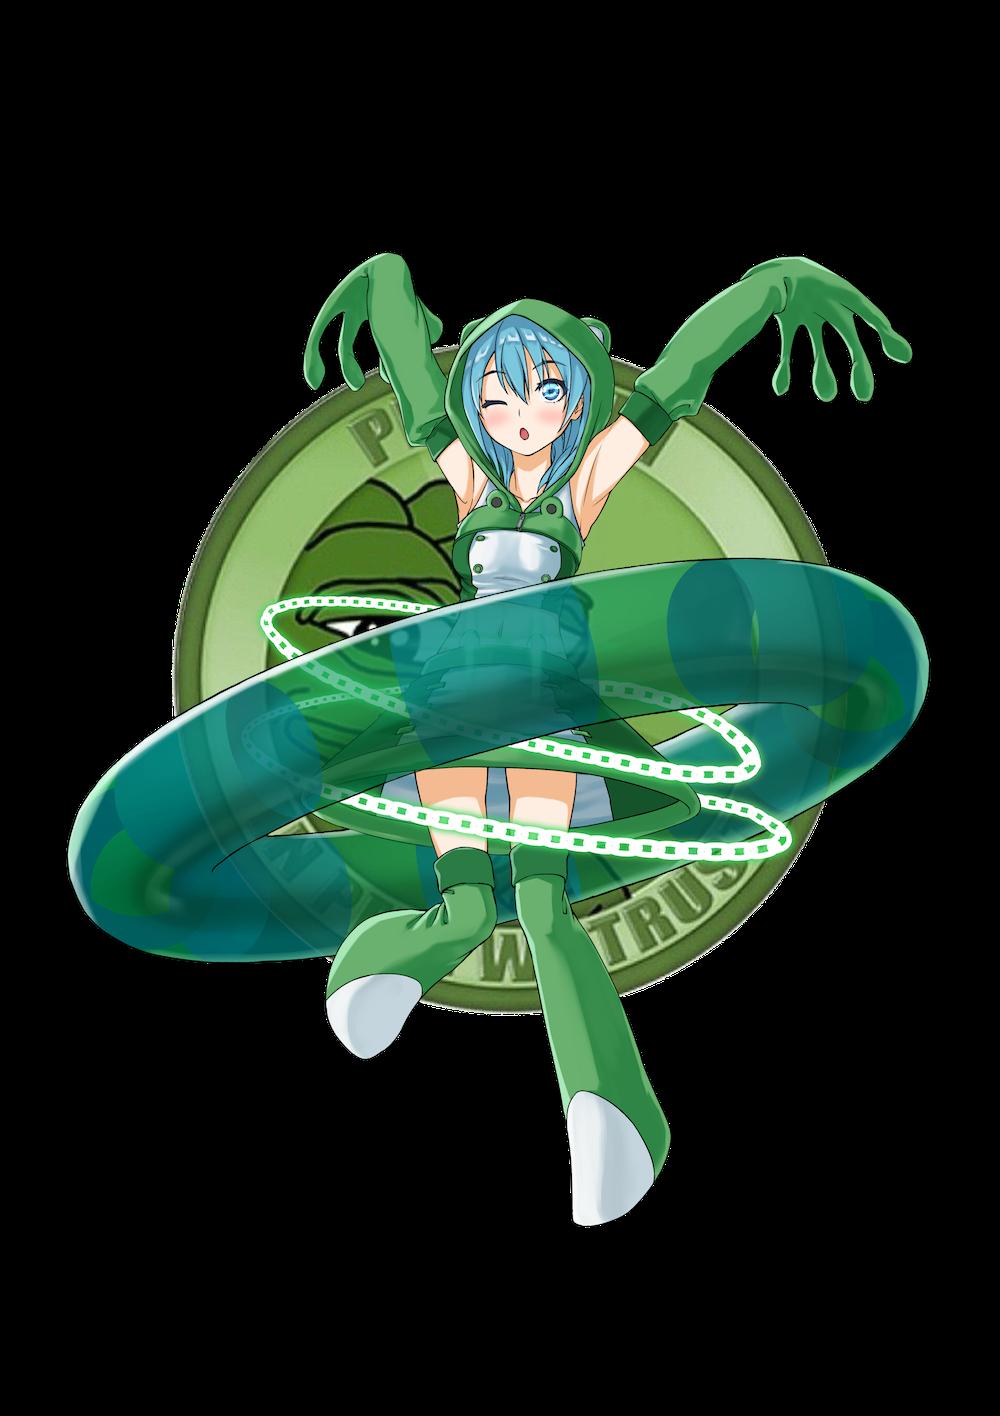 仮想通貨(暗号通貨)ペペキャッシュ(pepecash)の擬人化キャラクター